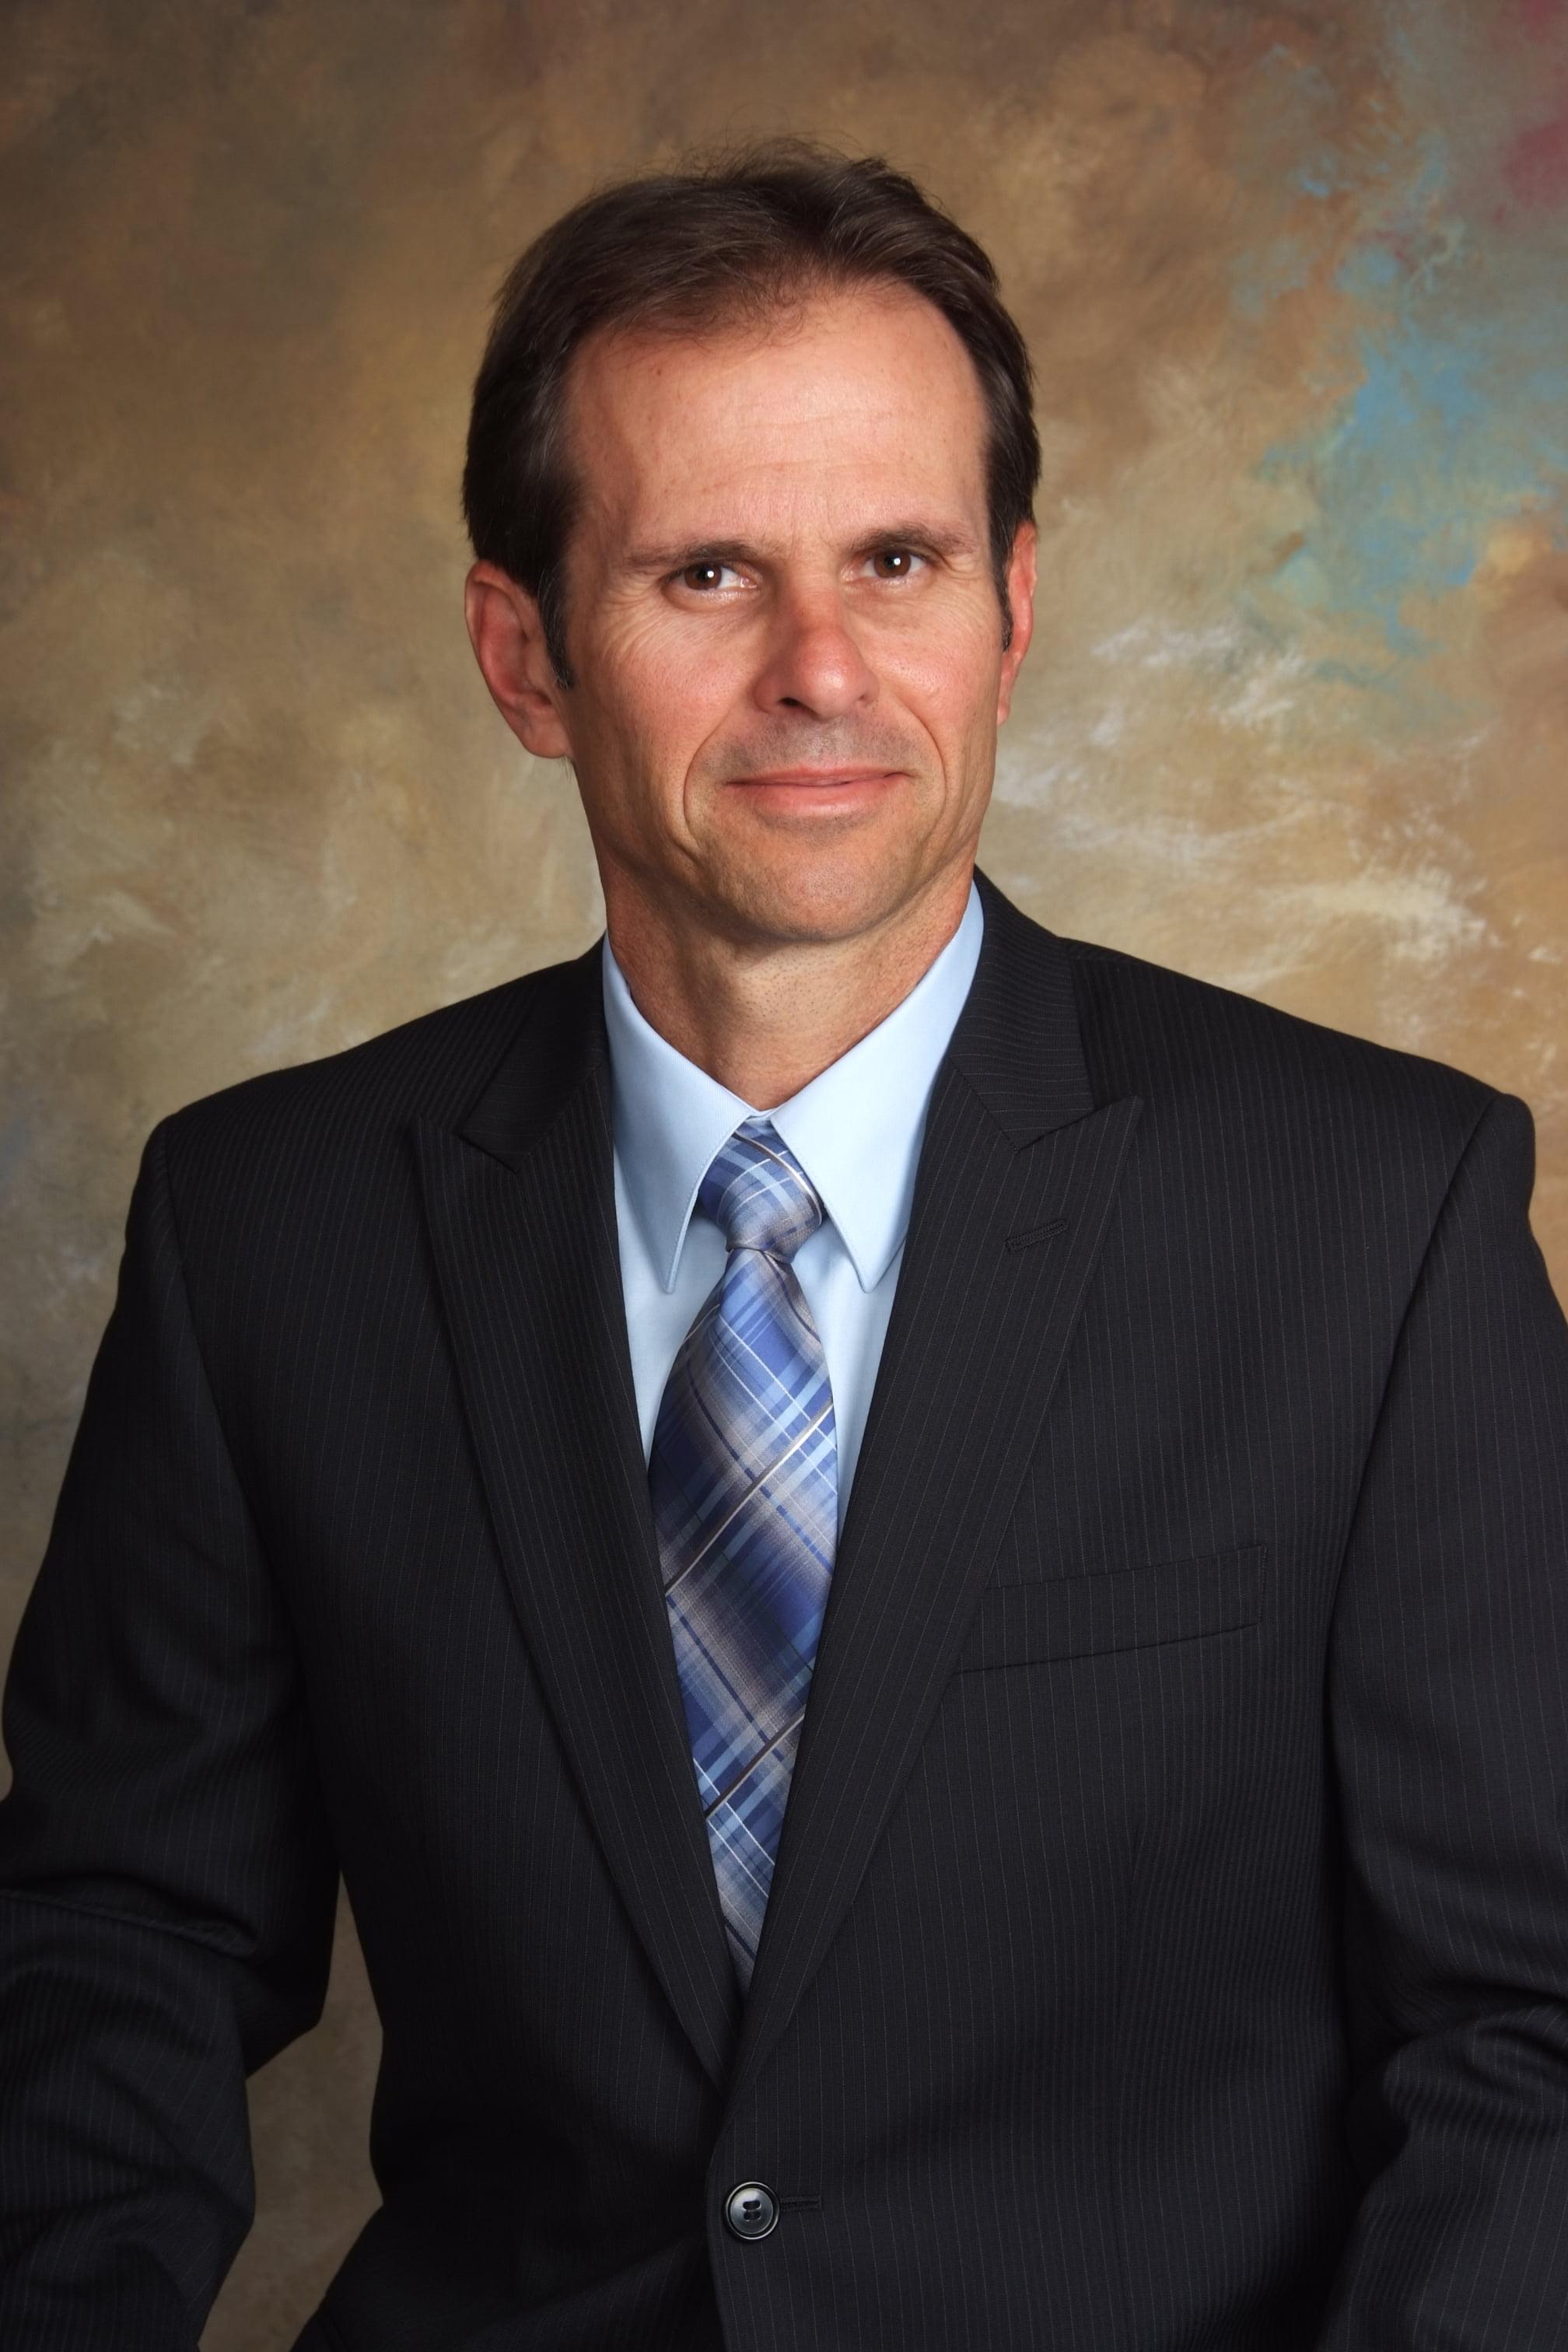 Garner A. Palenske